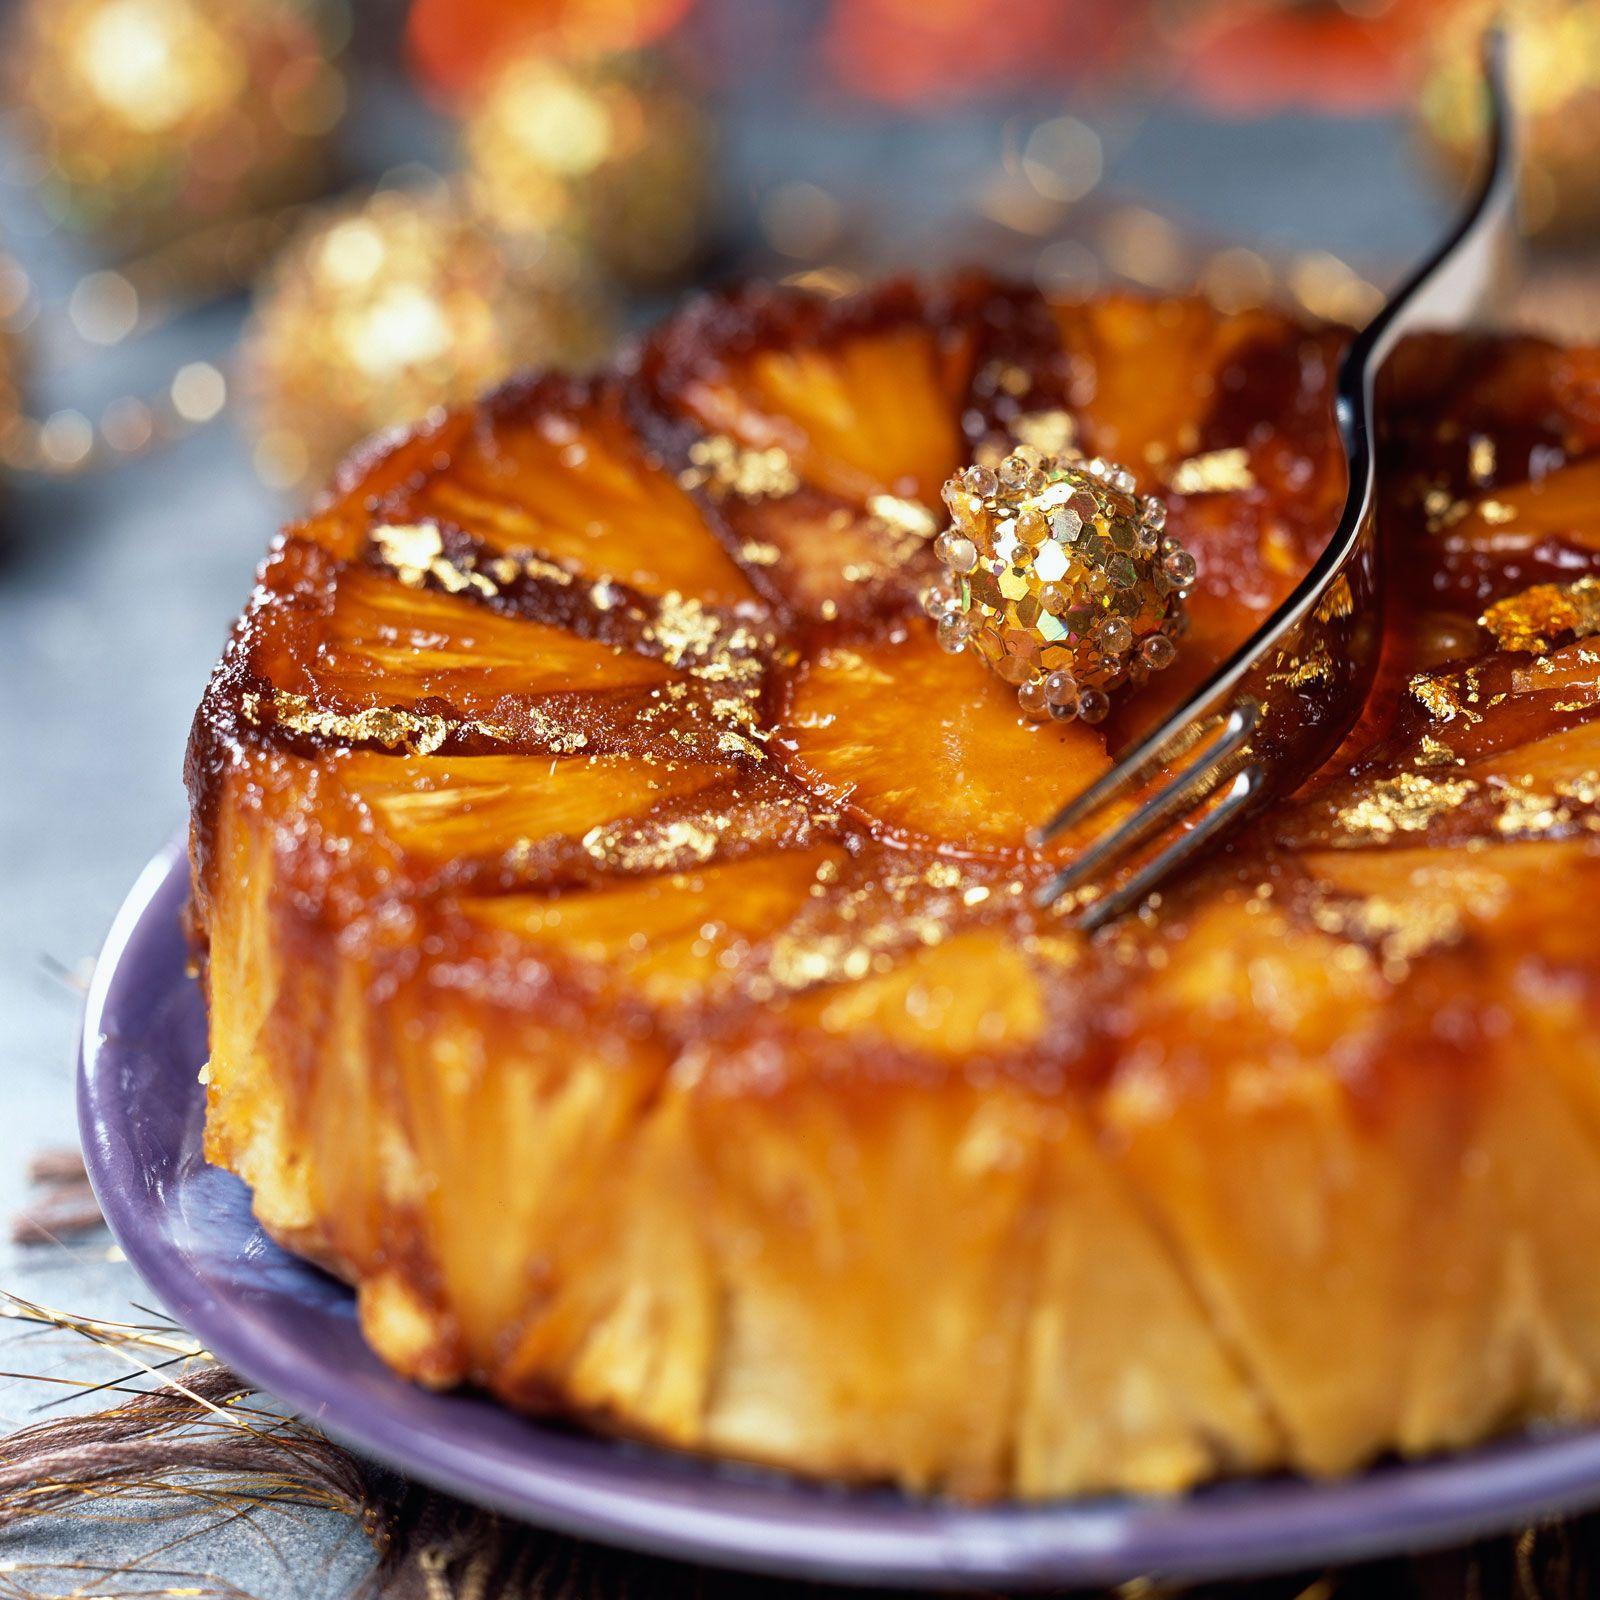 Recette gateau ananas meilleur patissier